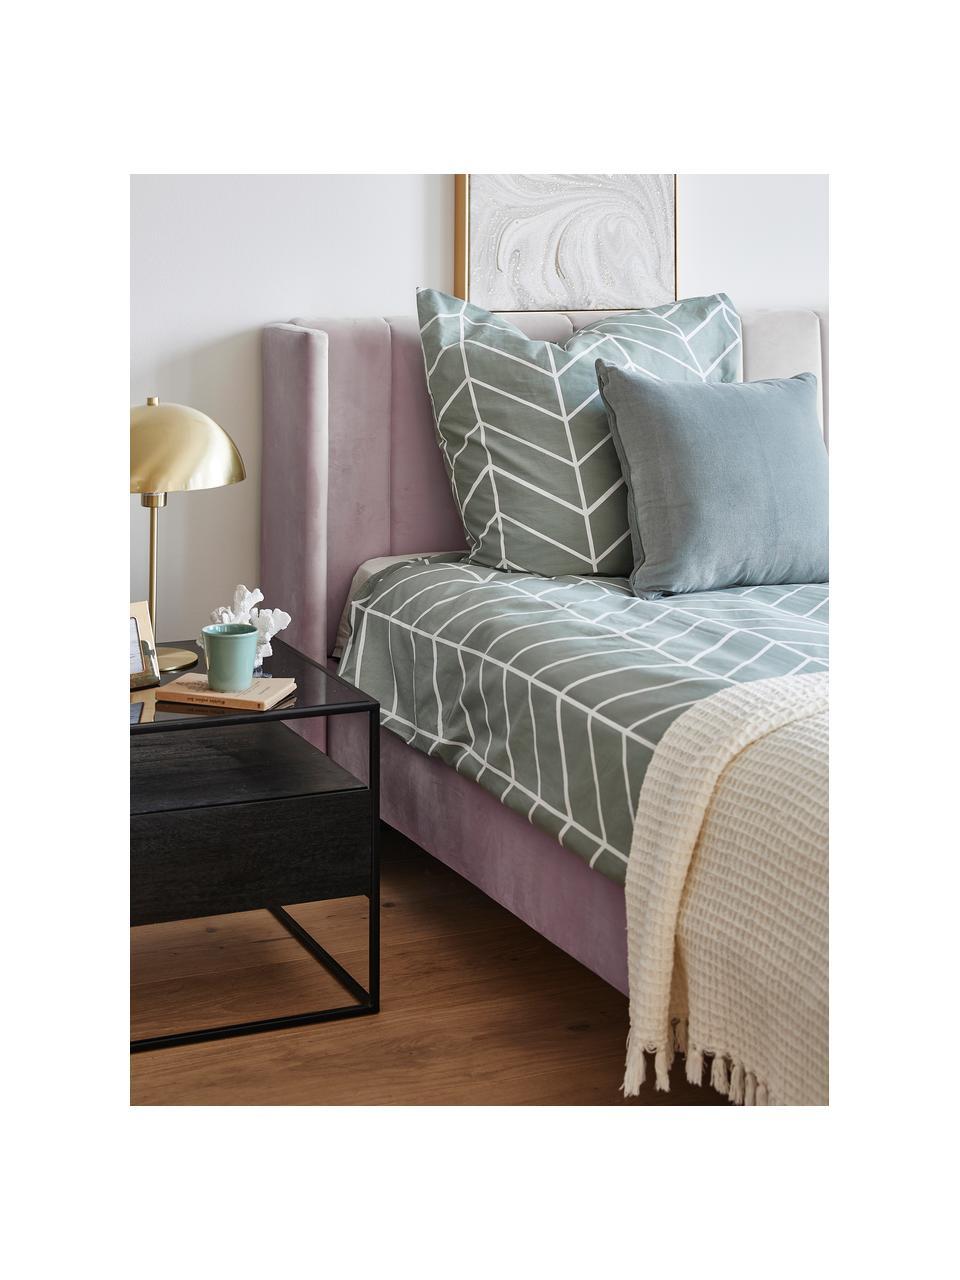 Łóżko tapicerowane z aksamitu Dusk, Korpus: lite drewno sosnowe i pły, Tapicerka: aksamit poliestrowy 290 g, Nogi: metal malowany proszkowo, Mauve, S 180 x D 200 cm